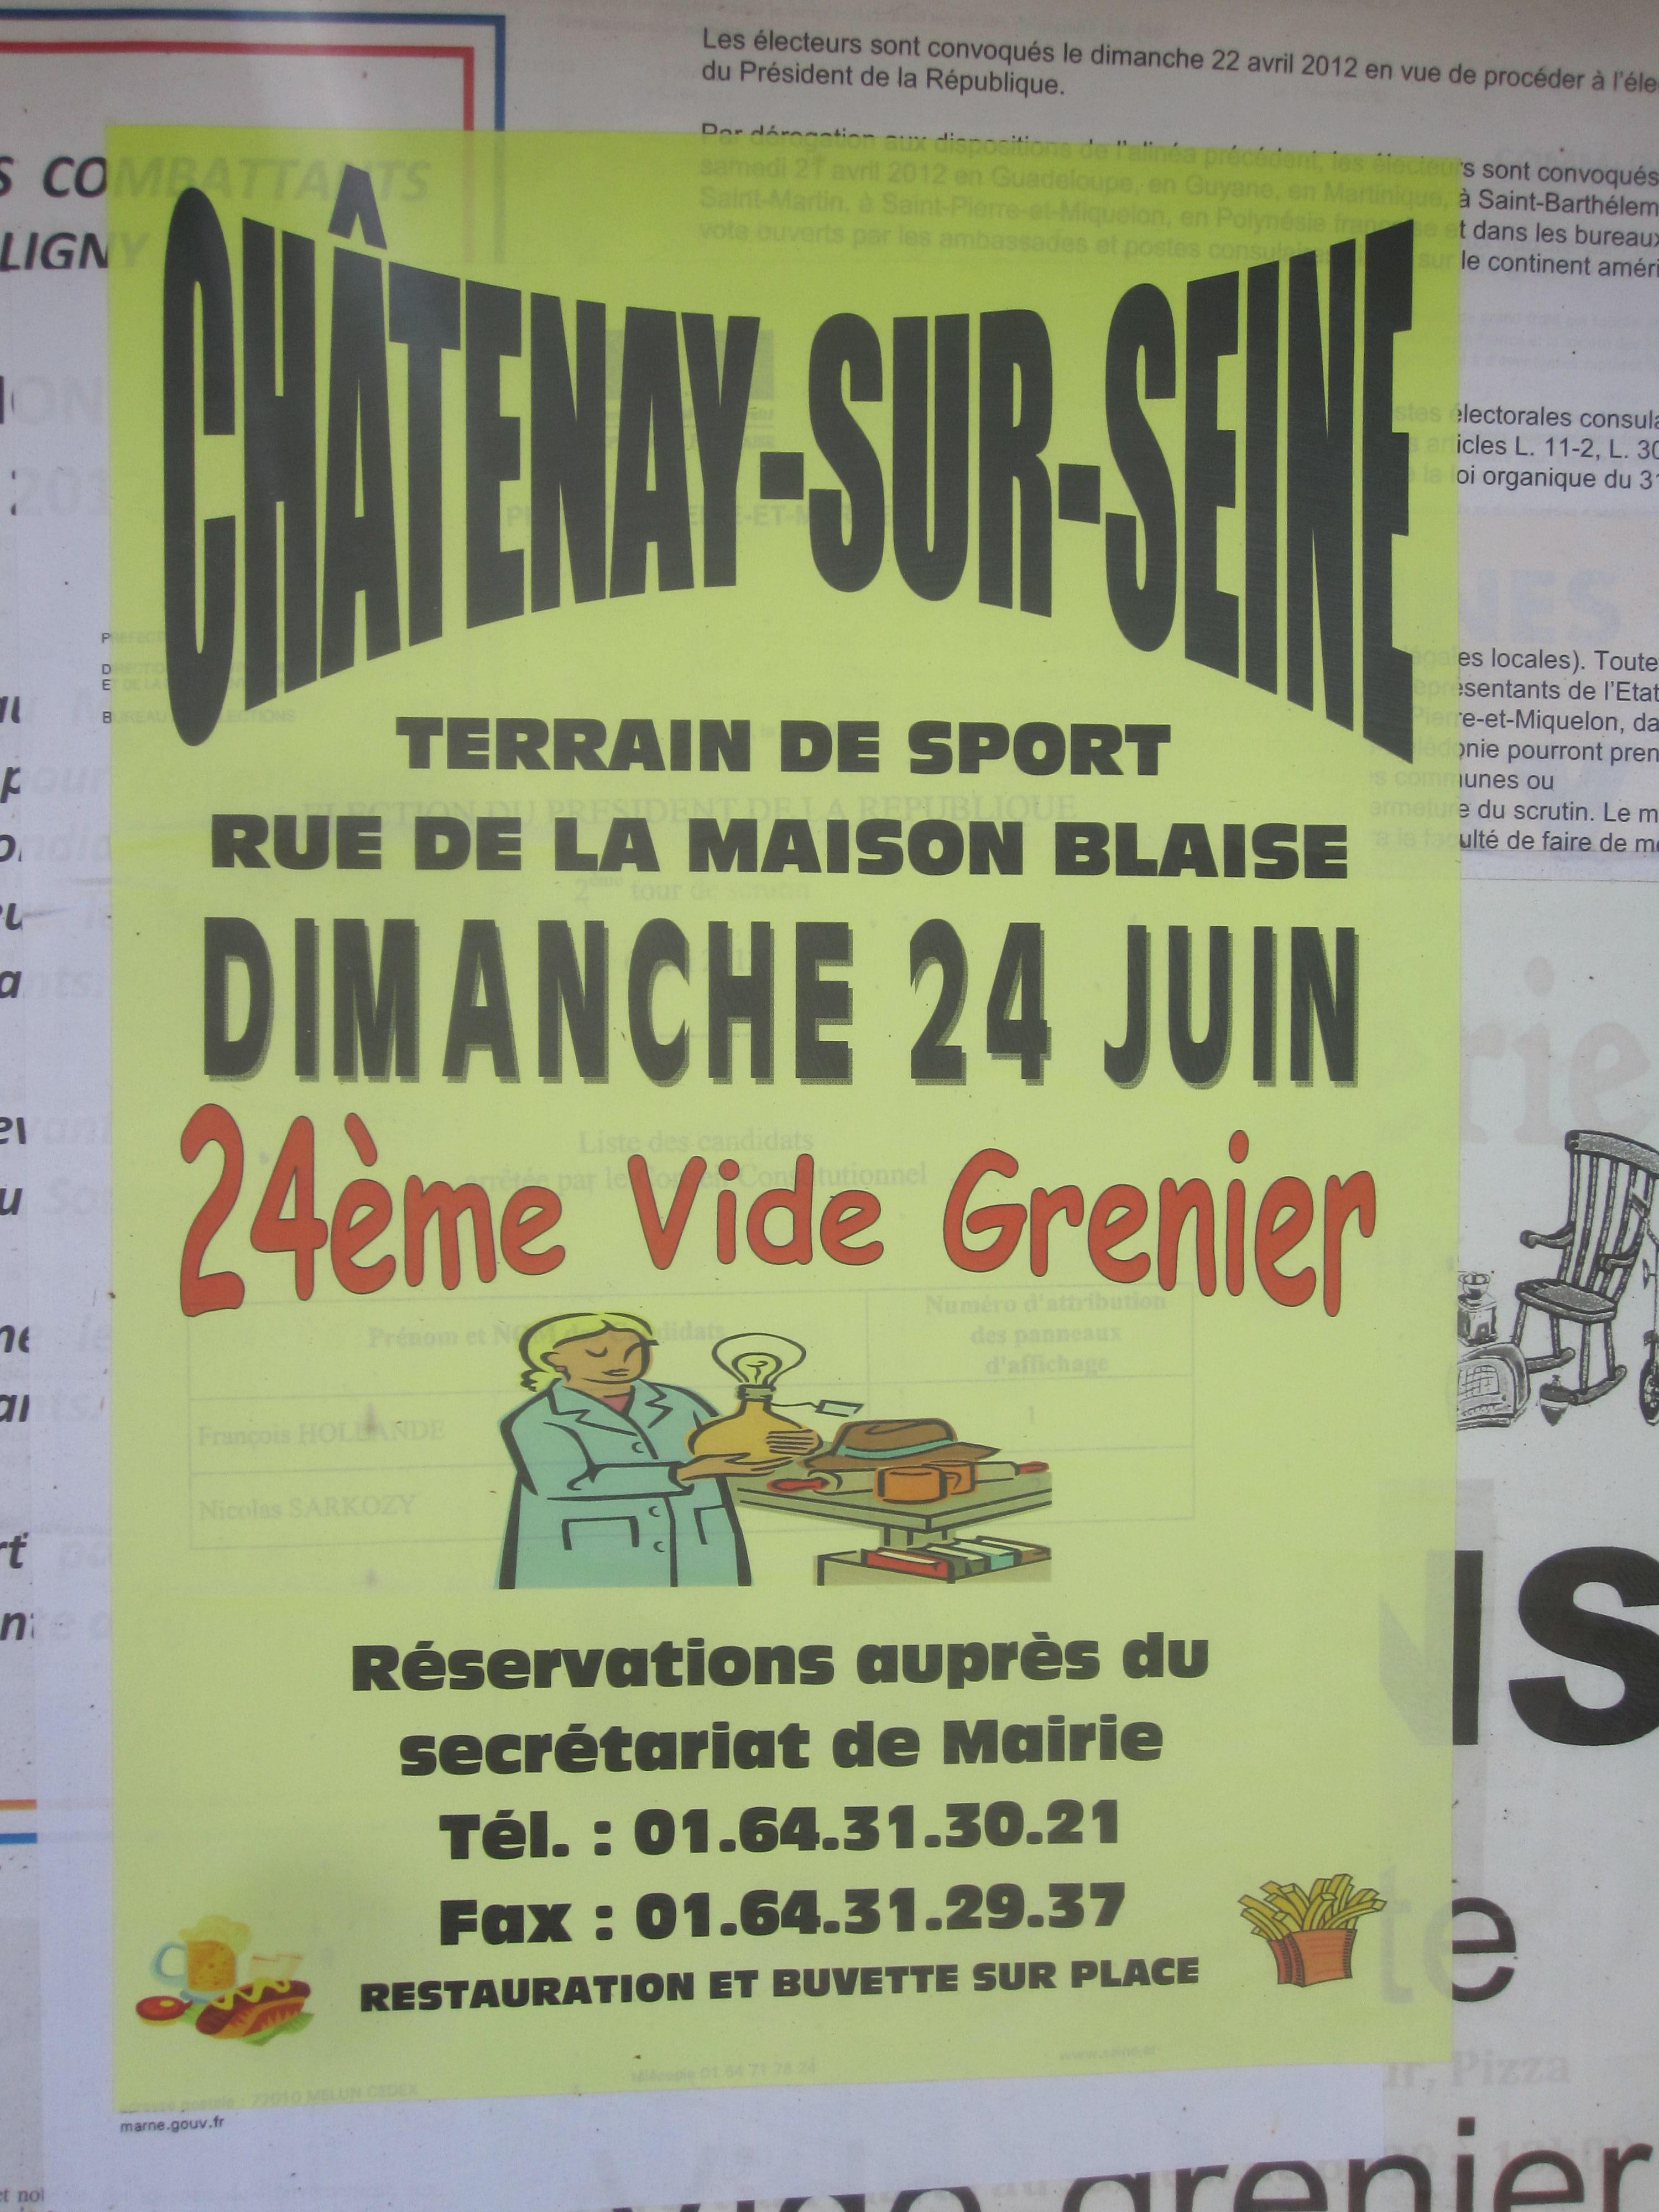 Ch tenay sur seine vide grenier 24 06 2012 la p pini re - Vide grenier seine et marne ...